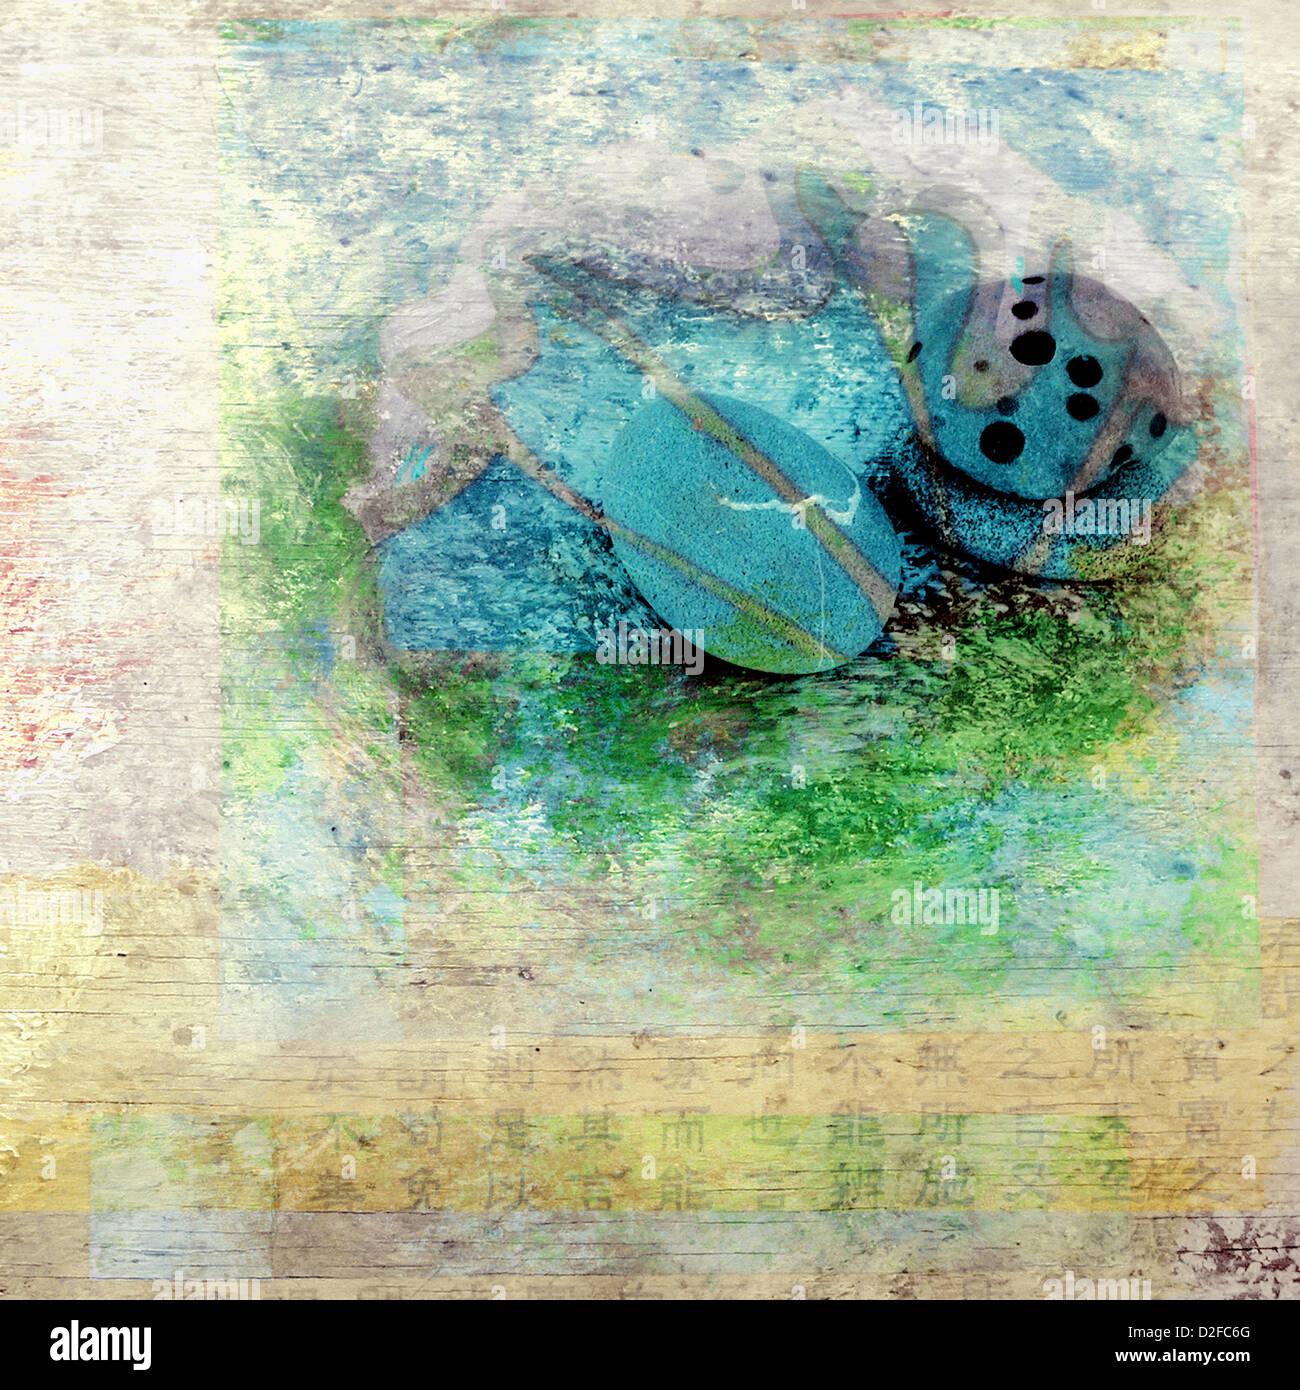 Steinen und Wasser. Foto basierte gemischte mittlere Abbildung. Stockbild